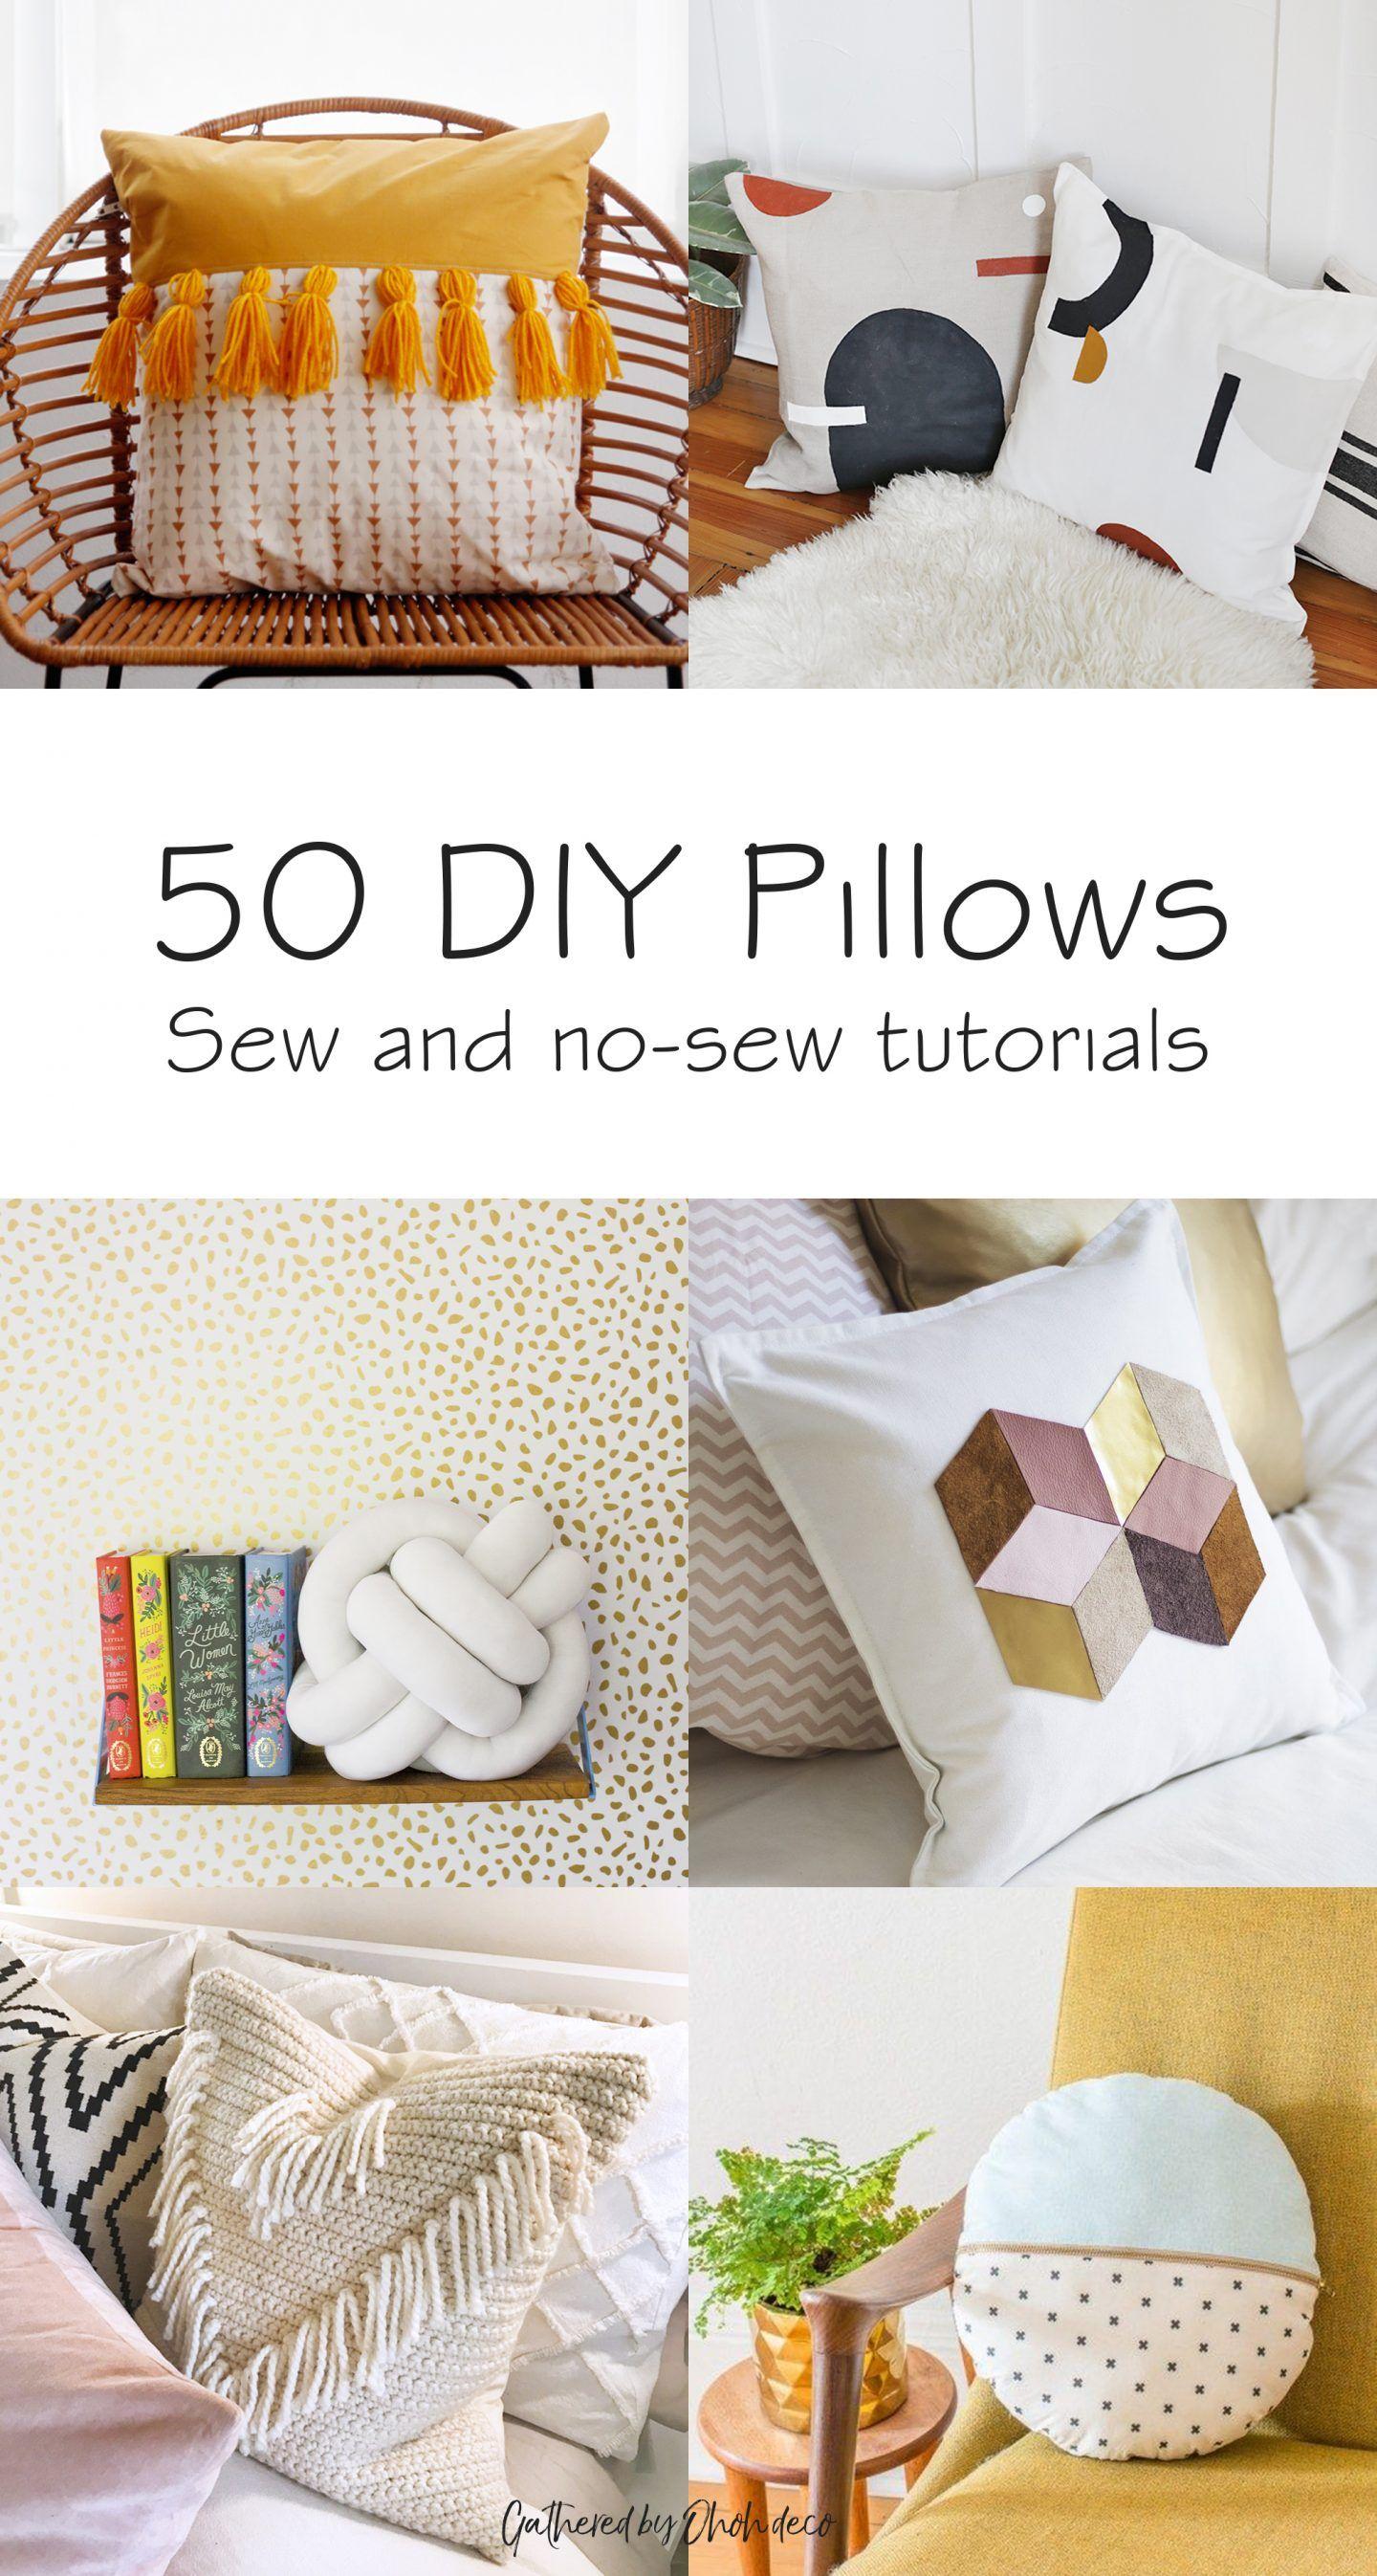 50 Diy Pillows To Jazz Up Your Decor Diy Pillow Covers Diy